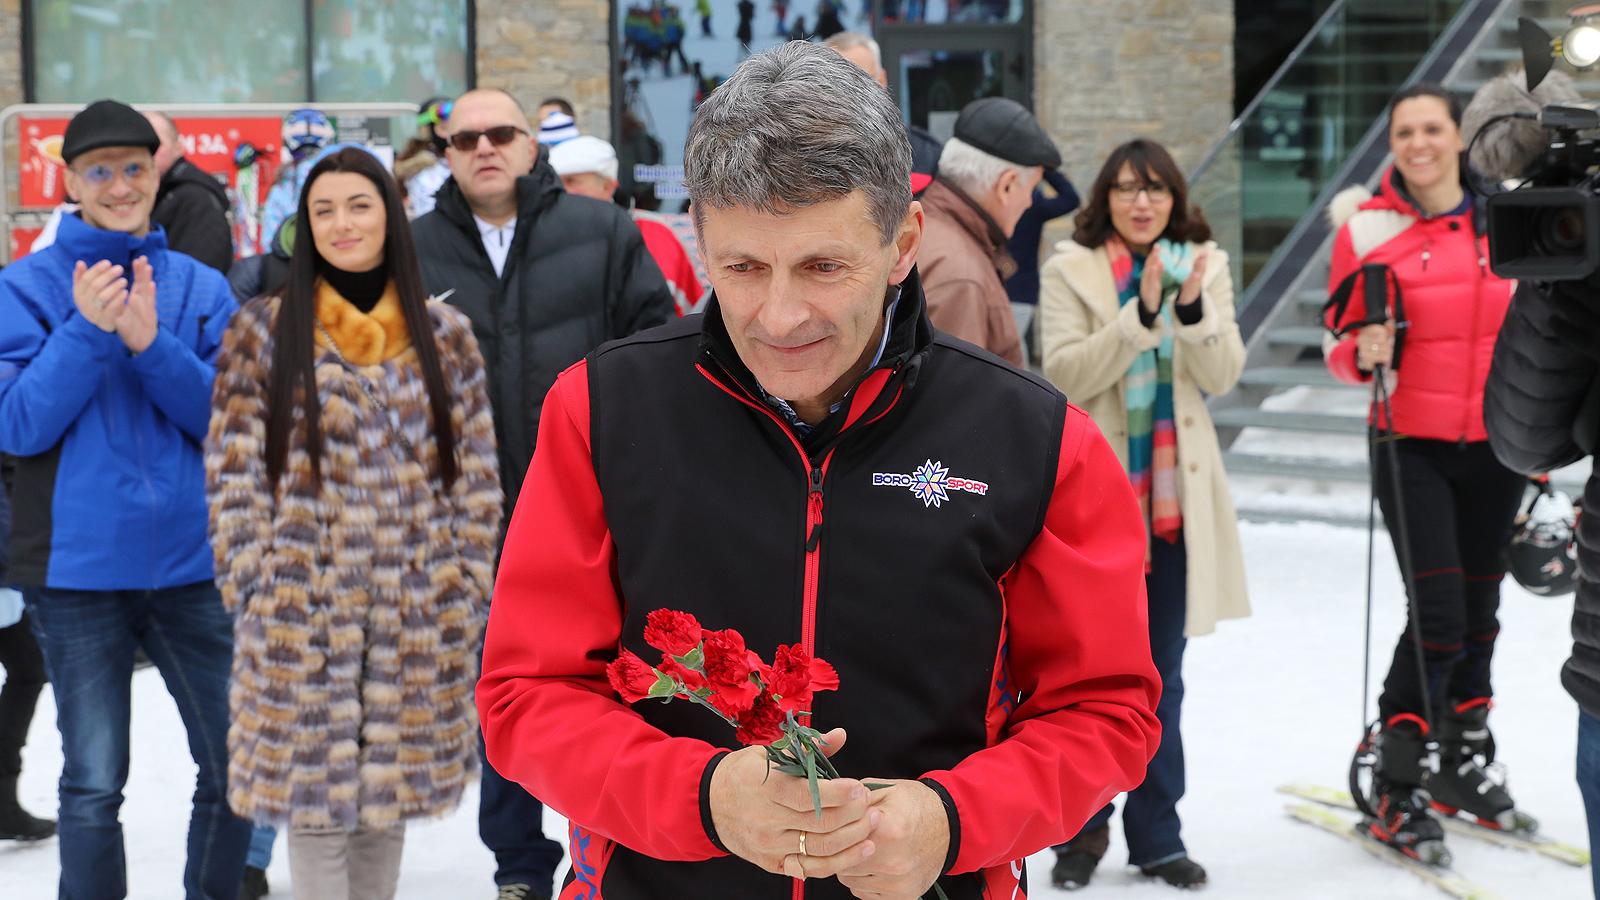 Бороспорт, Хотел Рила, Община Самоков и БФСки организираха празник за юбилея на най-добрия български алпийски скиор.